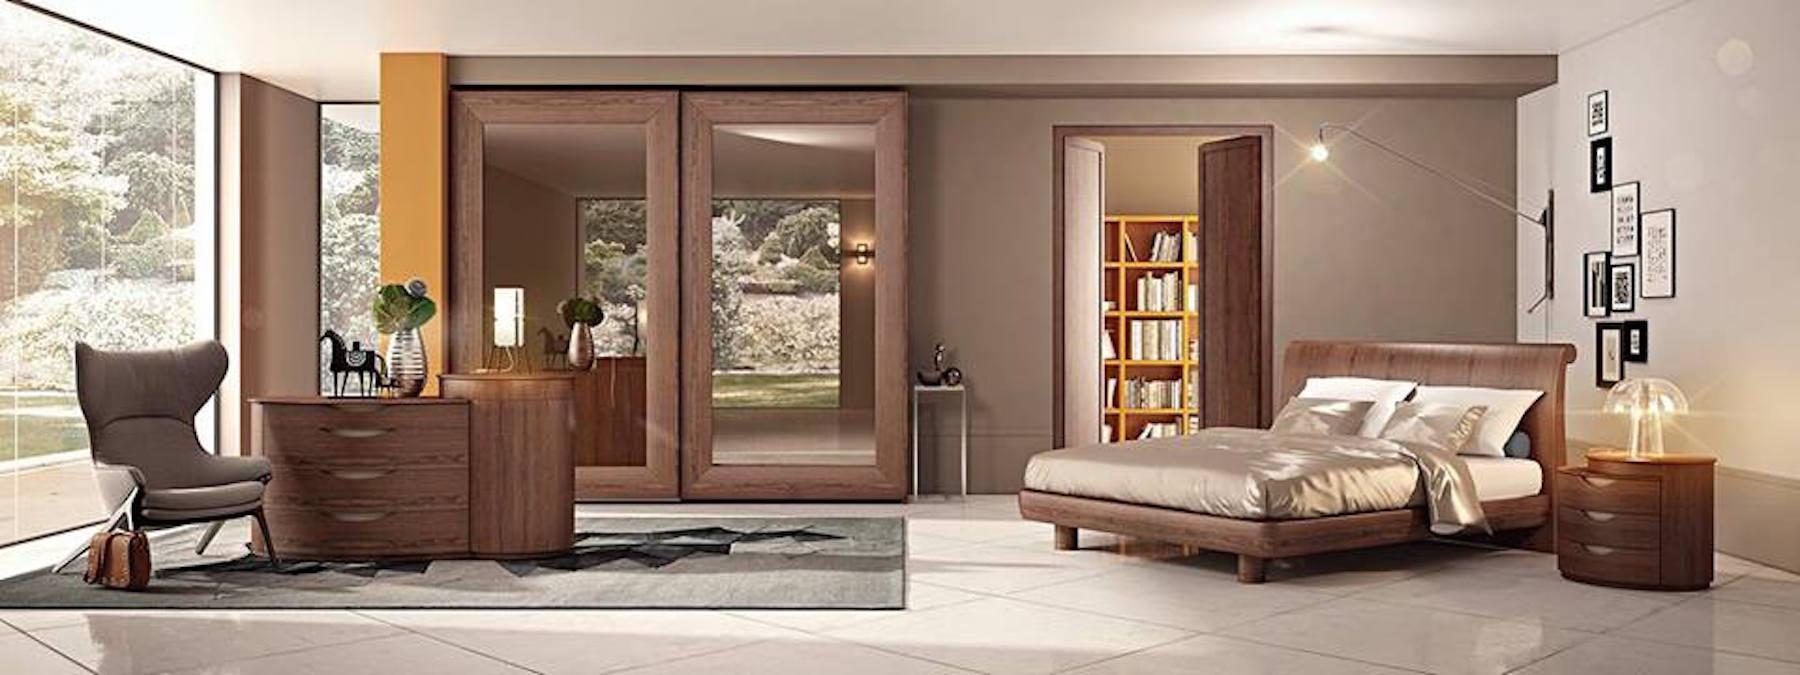 Camera da letto fazzini idea d 39 immagine di decorazione for Fazzini mobili prezzi